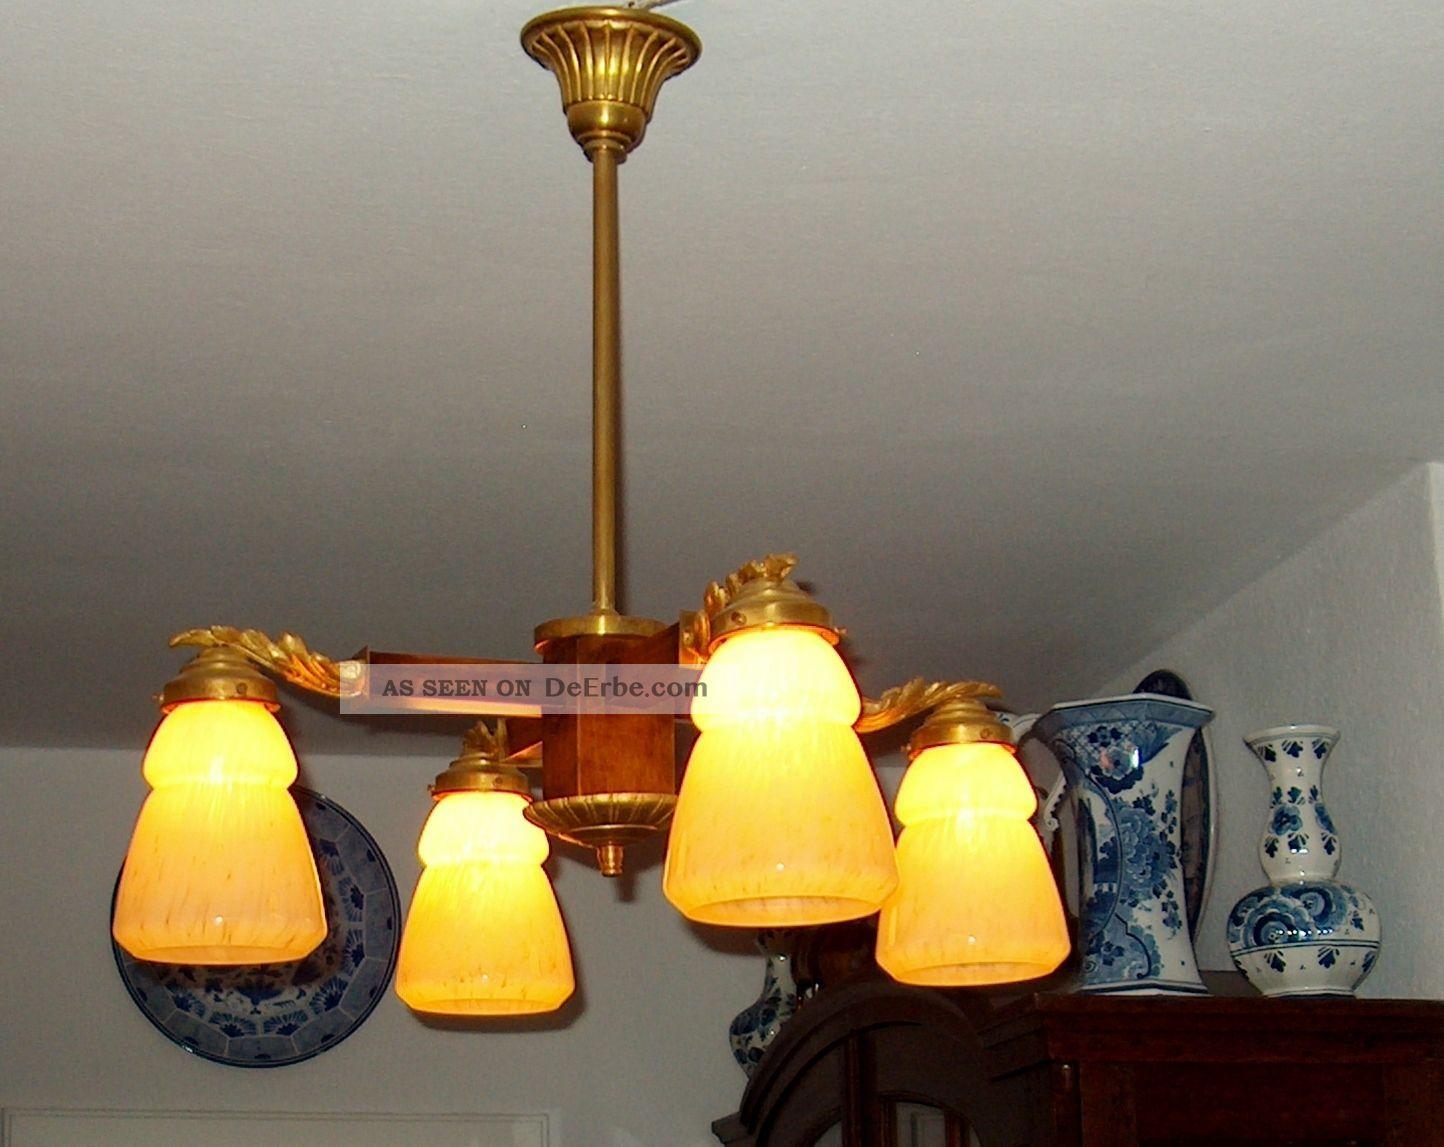 jugendstillampe lampe luster leuchter laterne wandlampe salon lamp deckenlampe